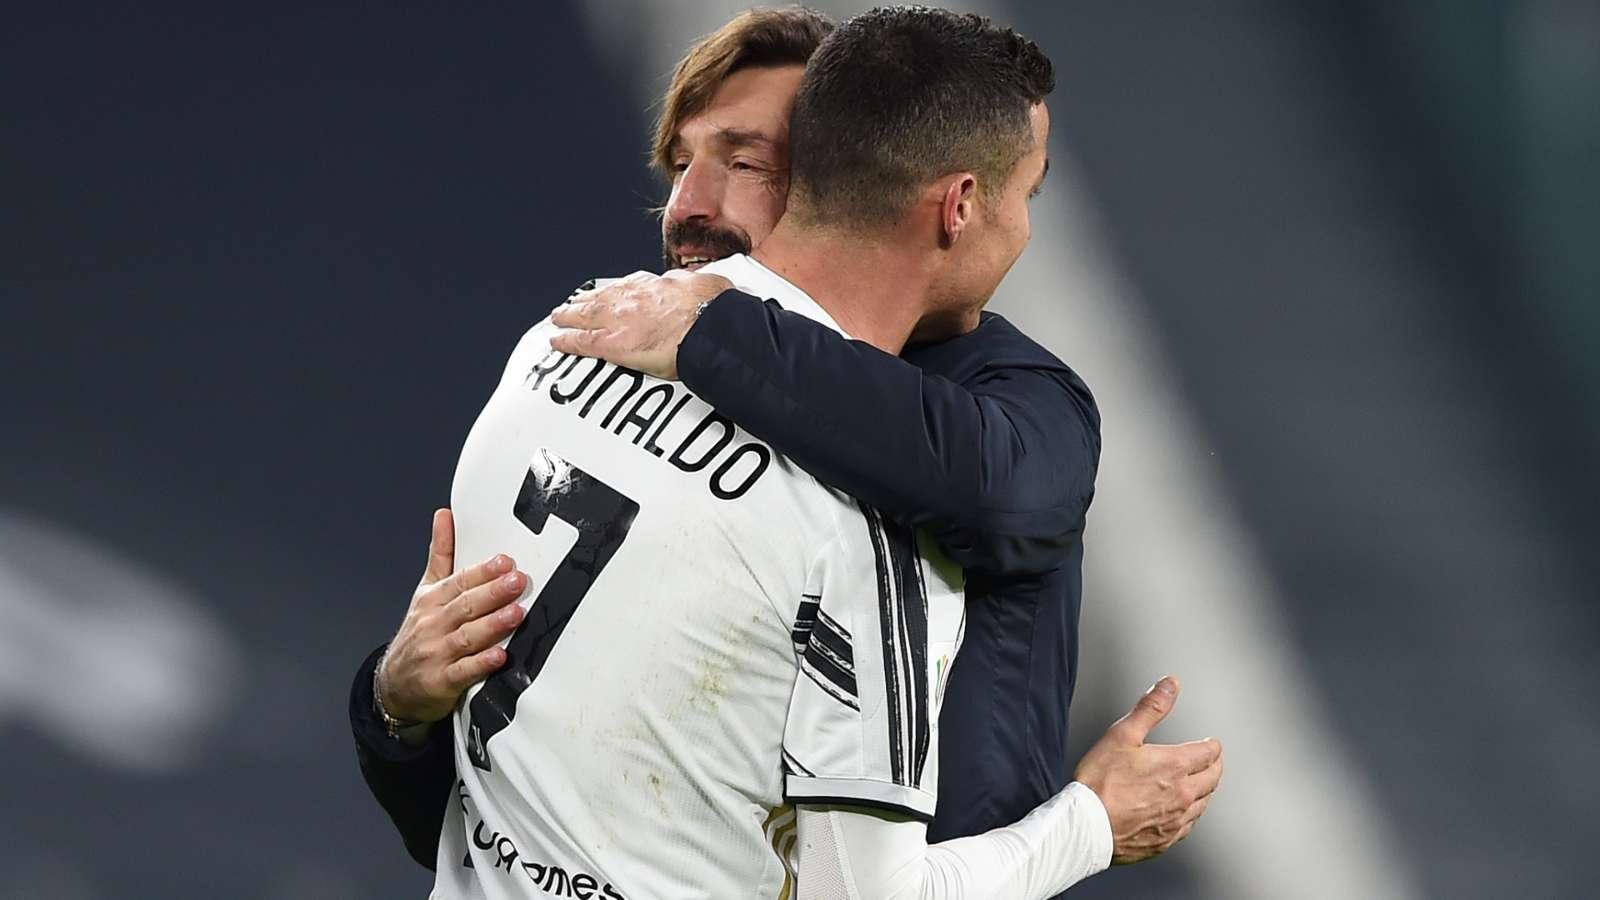 Pirlo đưa ra lời giải thích trước quyết định để Ronaldo vào sân vỏn vẹn hai mươi phút trong chiến thắng của Juventus trước Lazio